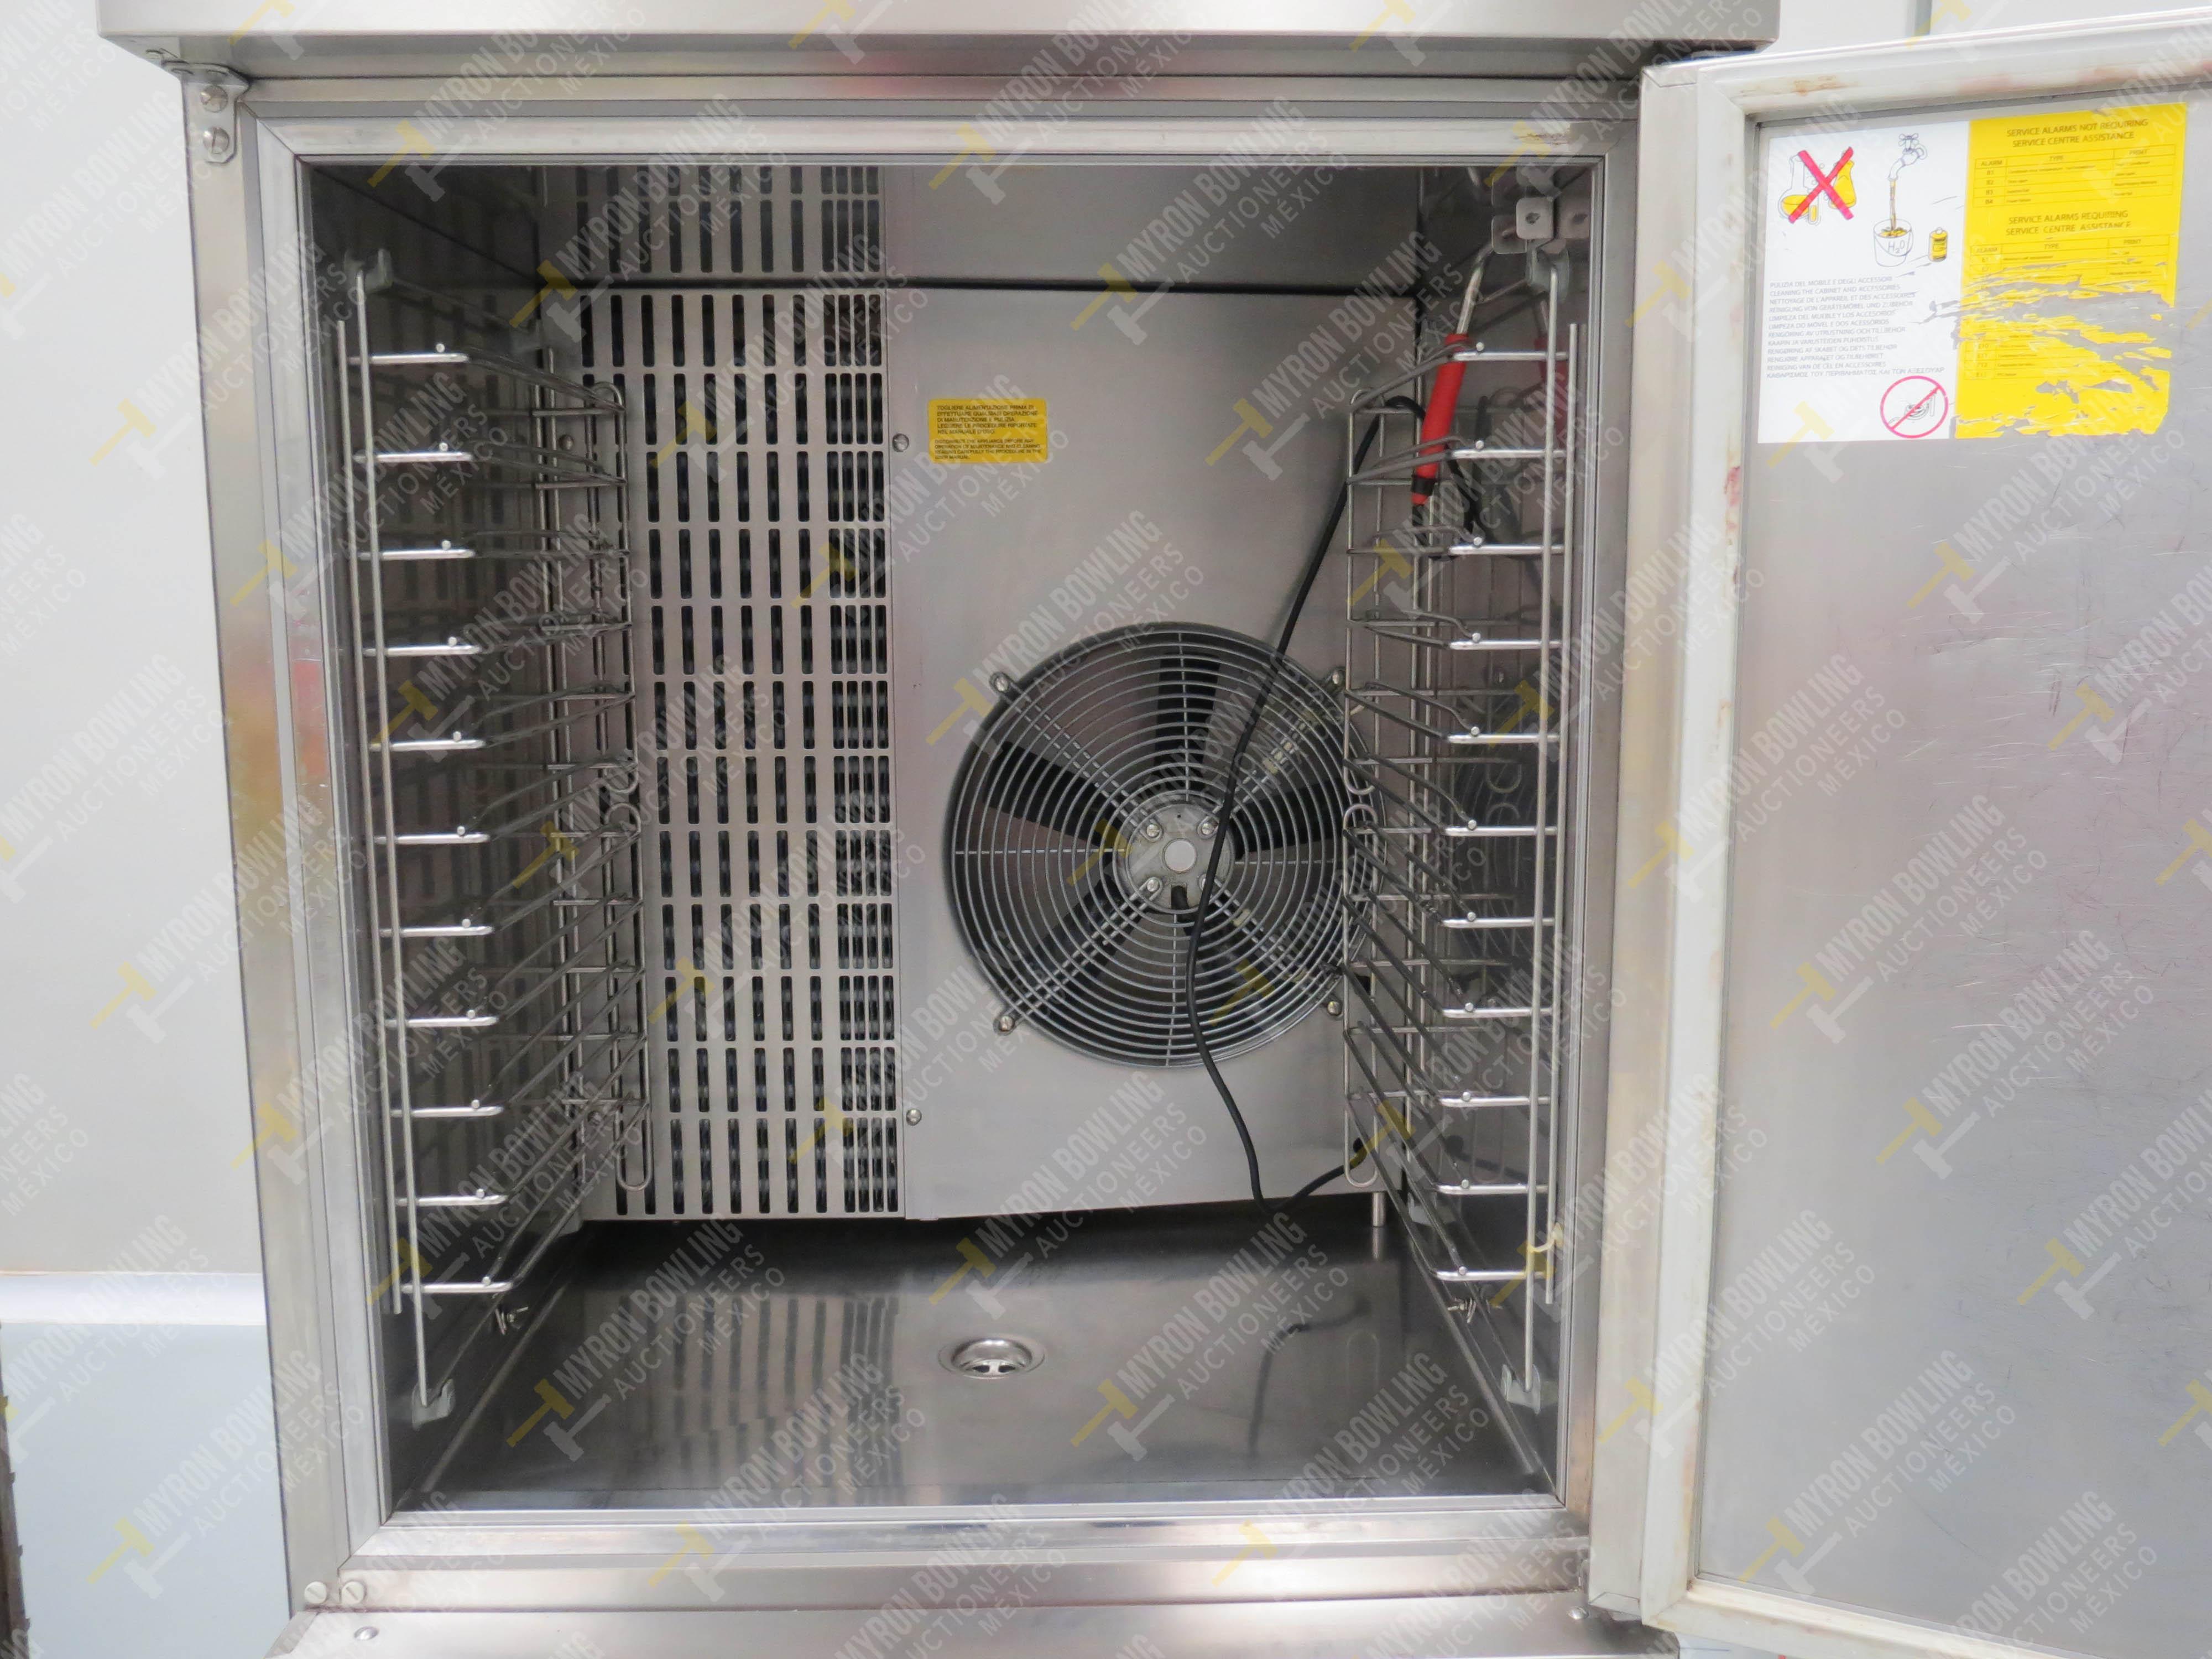 Abatidor de temperatura marca Electrolux - Image 4 of 5